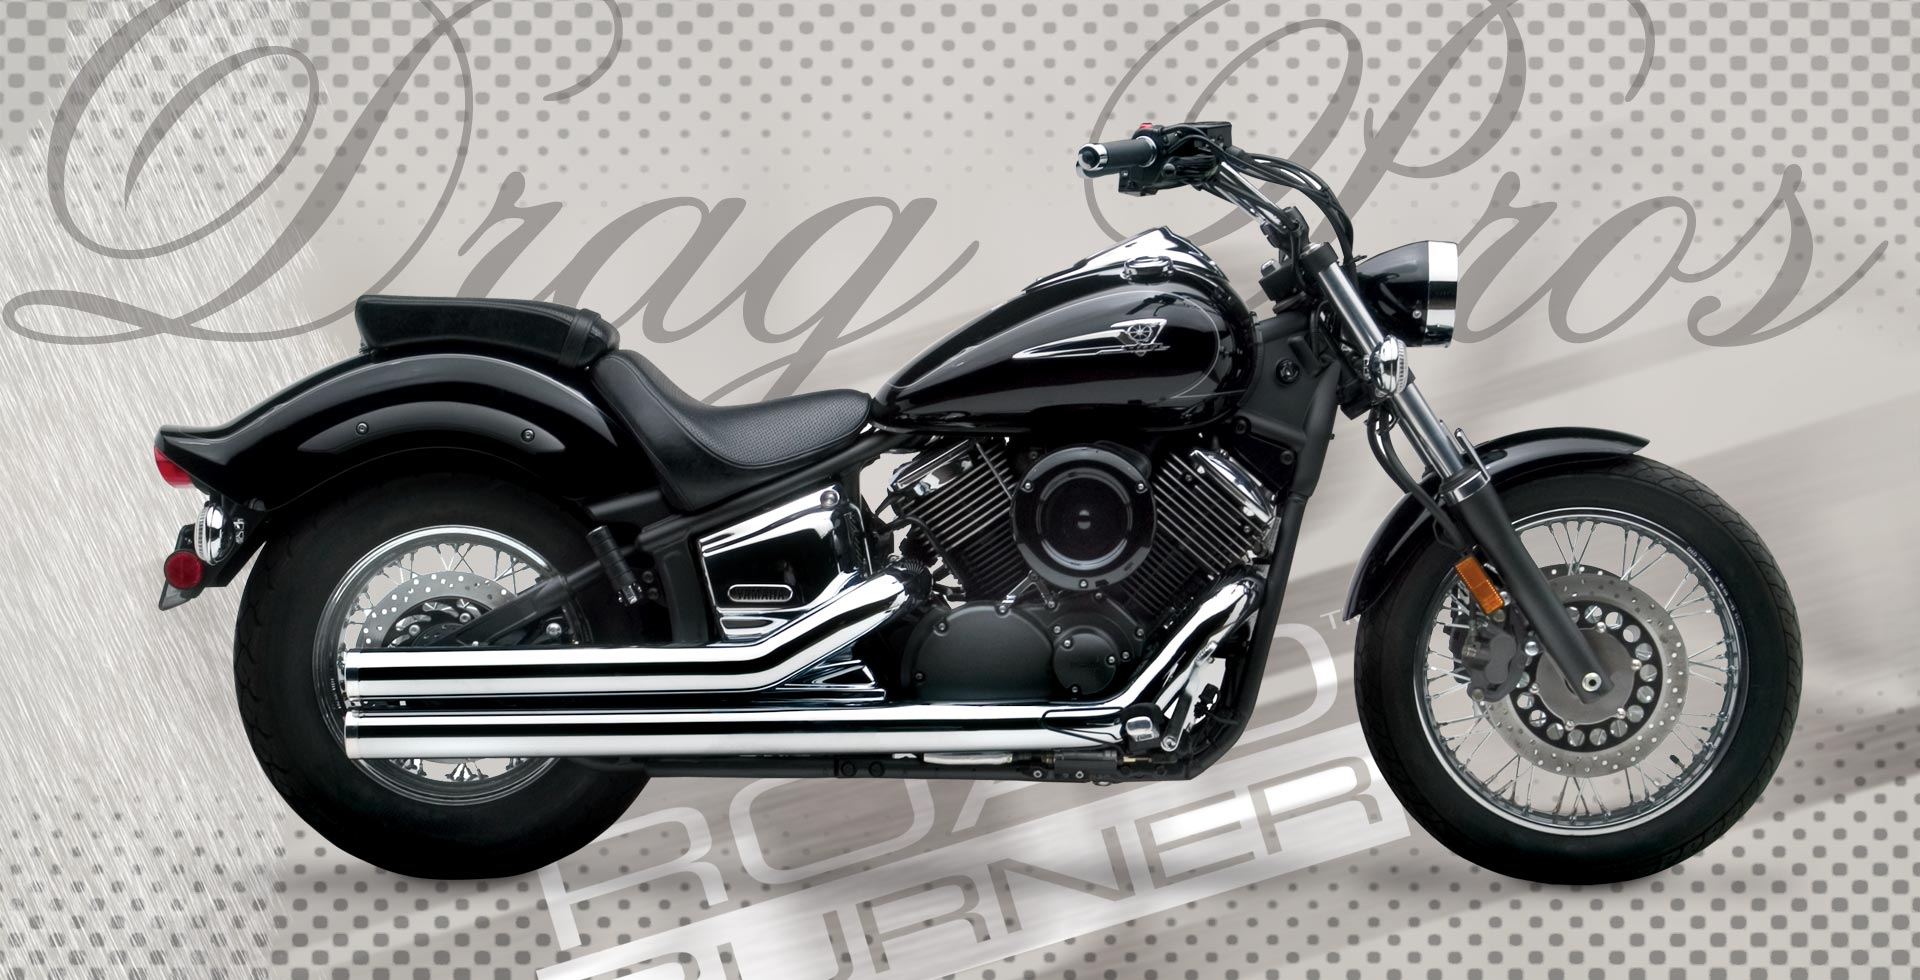 Обзор мотоцикла Yamaha Drag Star (Ямаха Драг Стар) 1100